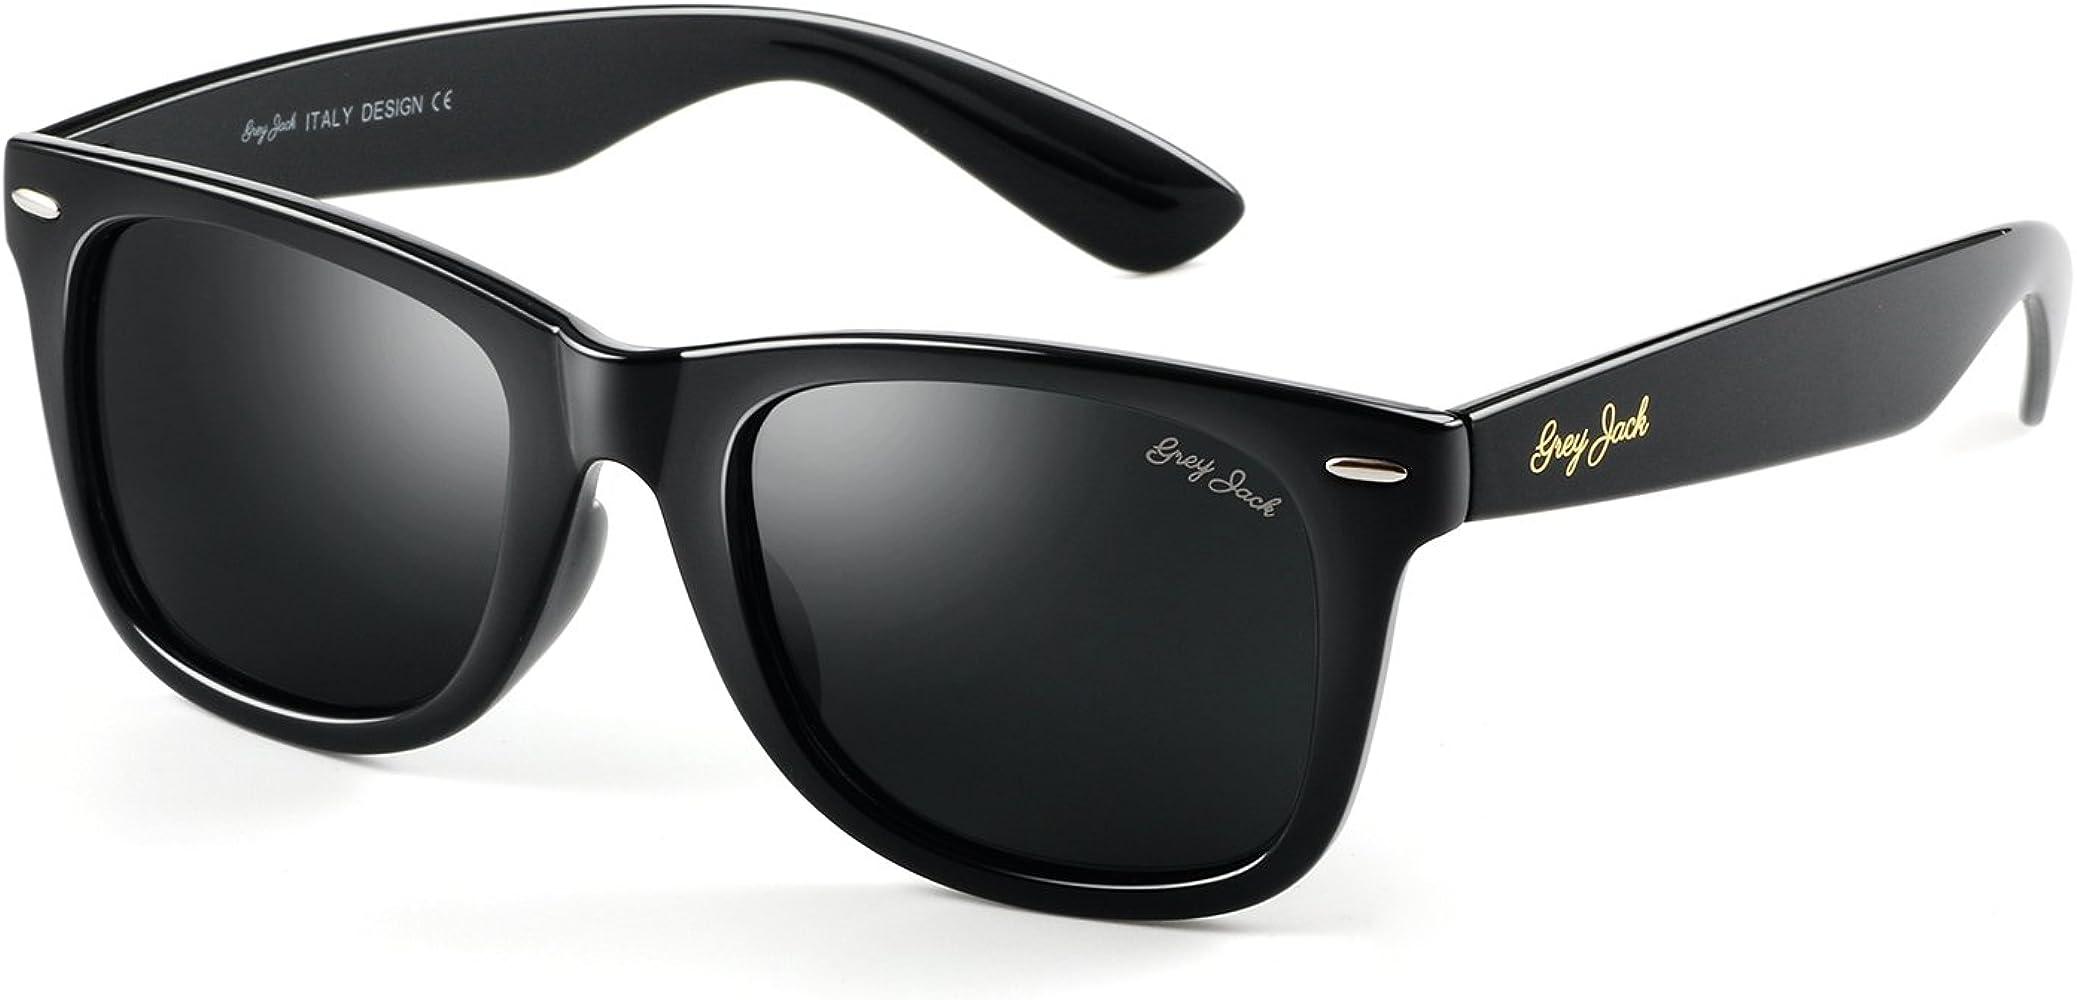 Classic Polarized Horn Rimmed Sunglasses for Men Women